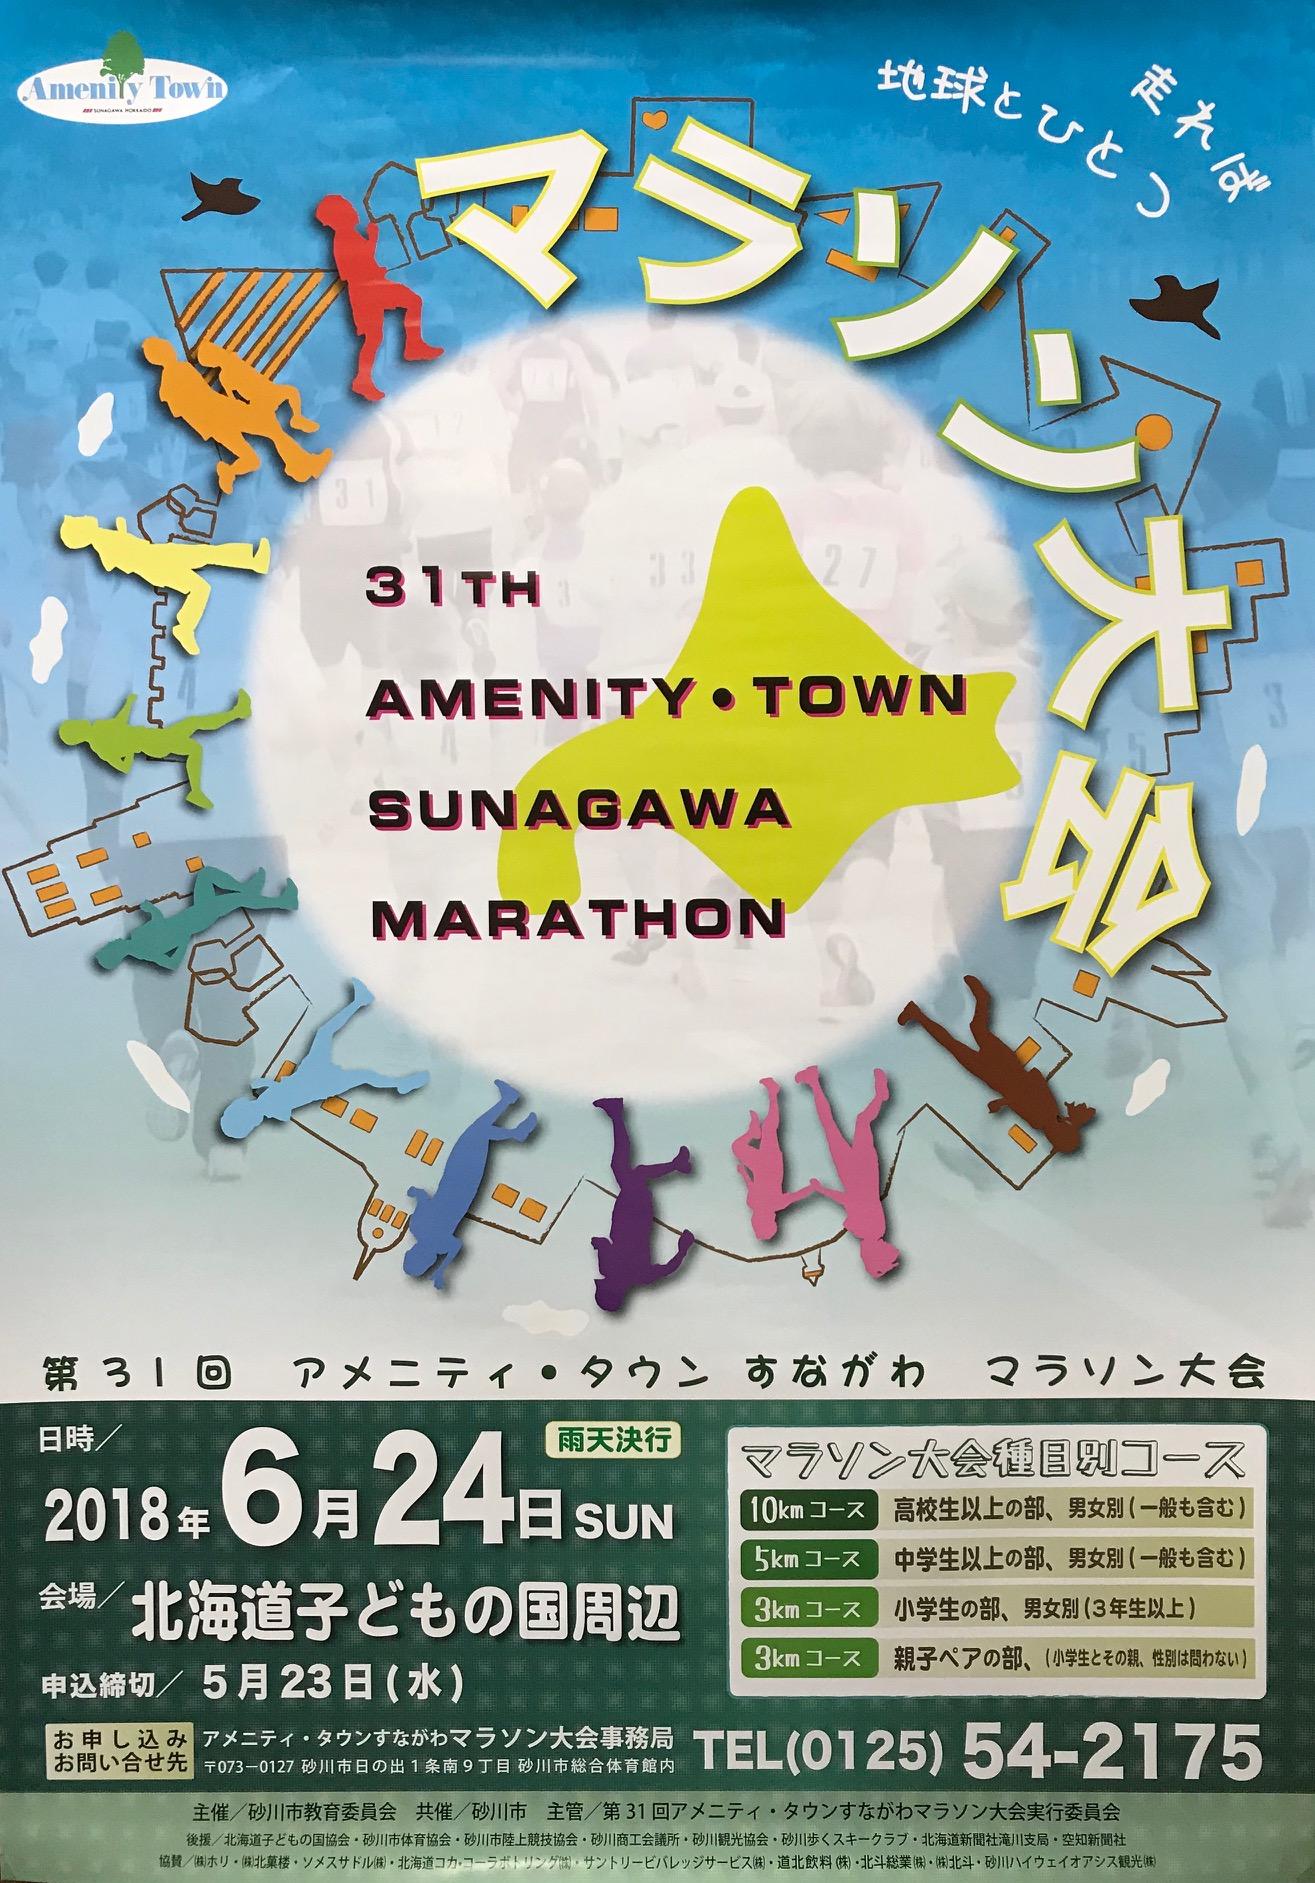 第31回アメニティ・タウンすながわマラソン大会(2018年)のポスター